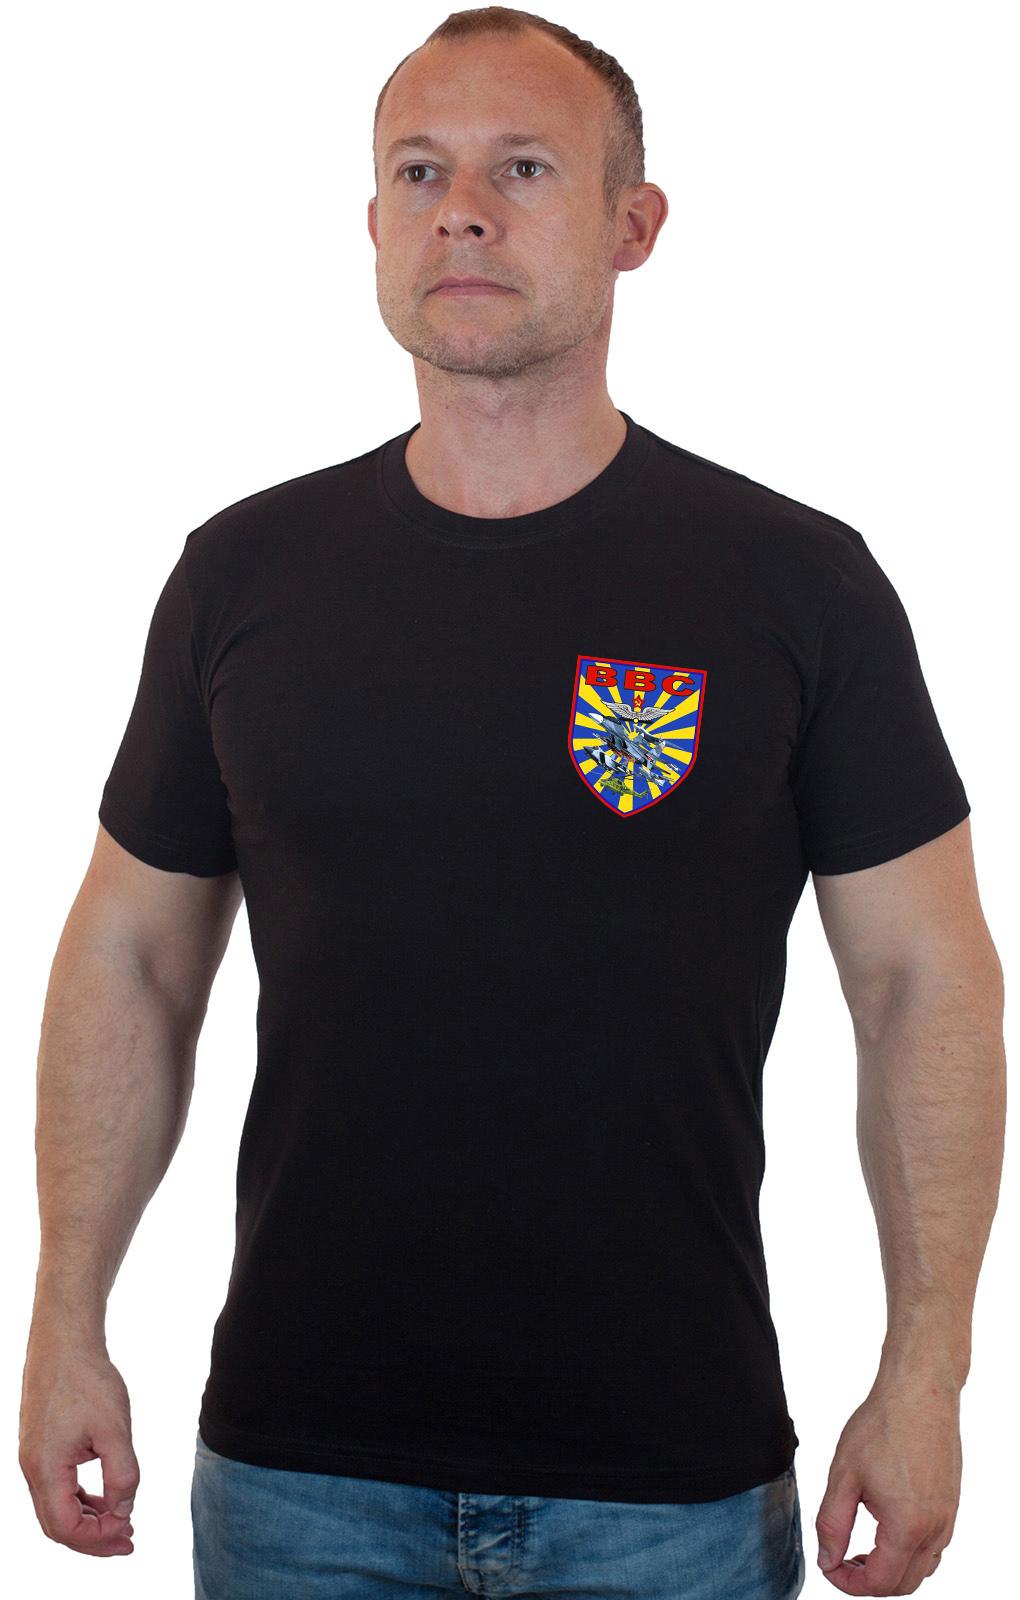 Чёрная футболка ВВС